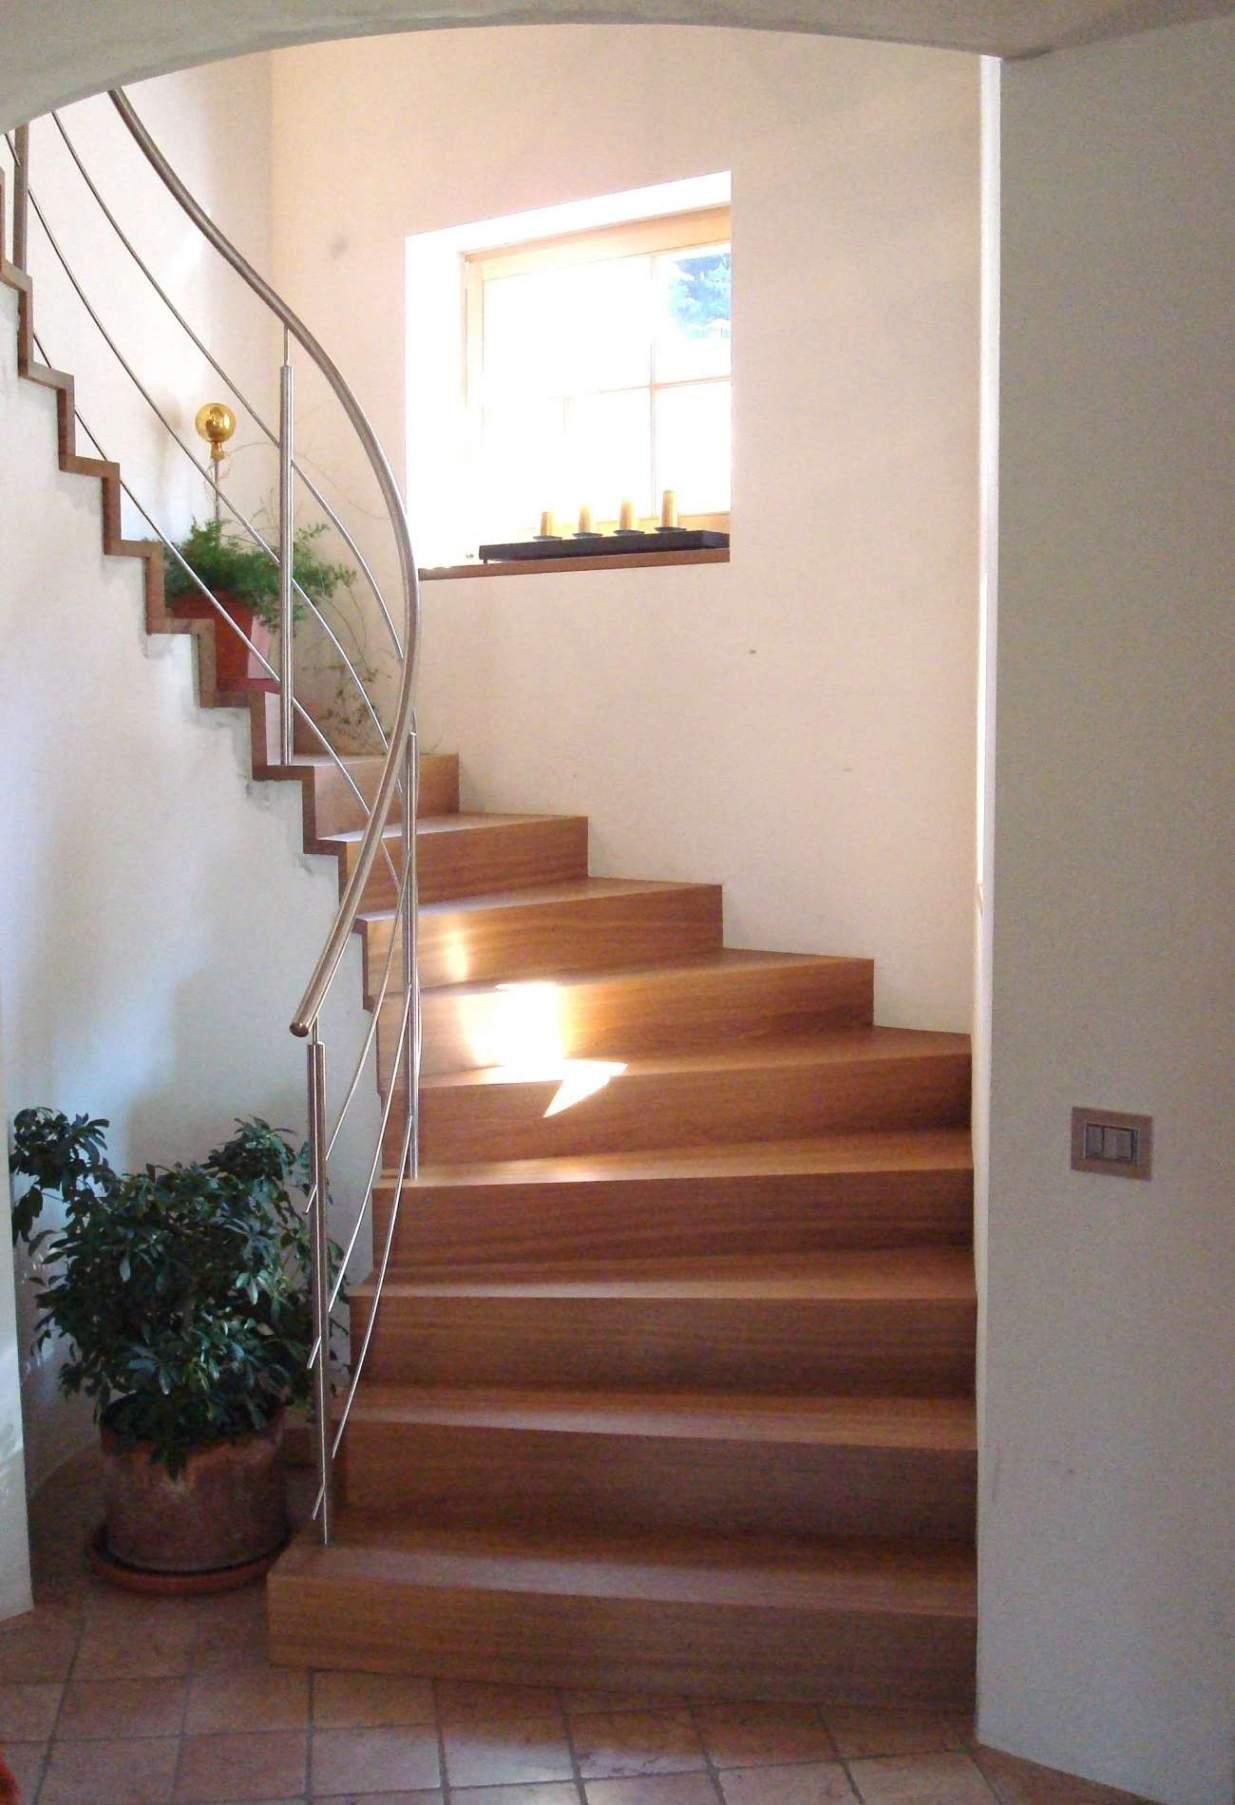 Garten Geländer Genial Stahlträger Verkleiden Ideen — Temobardz Home Blog